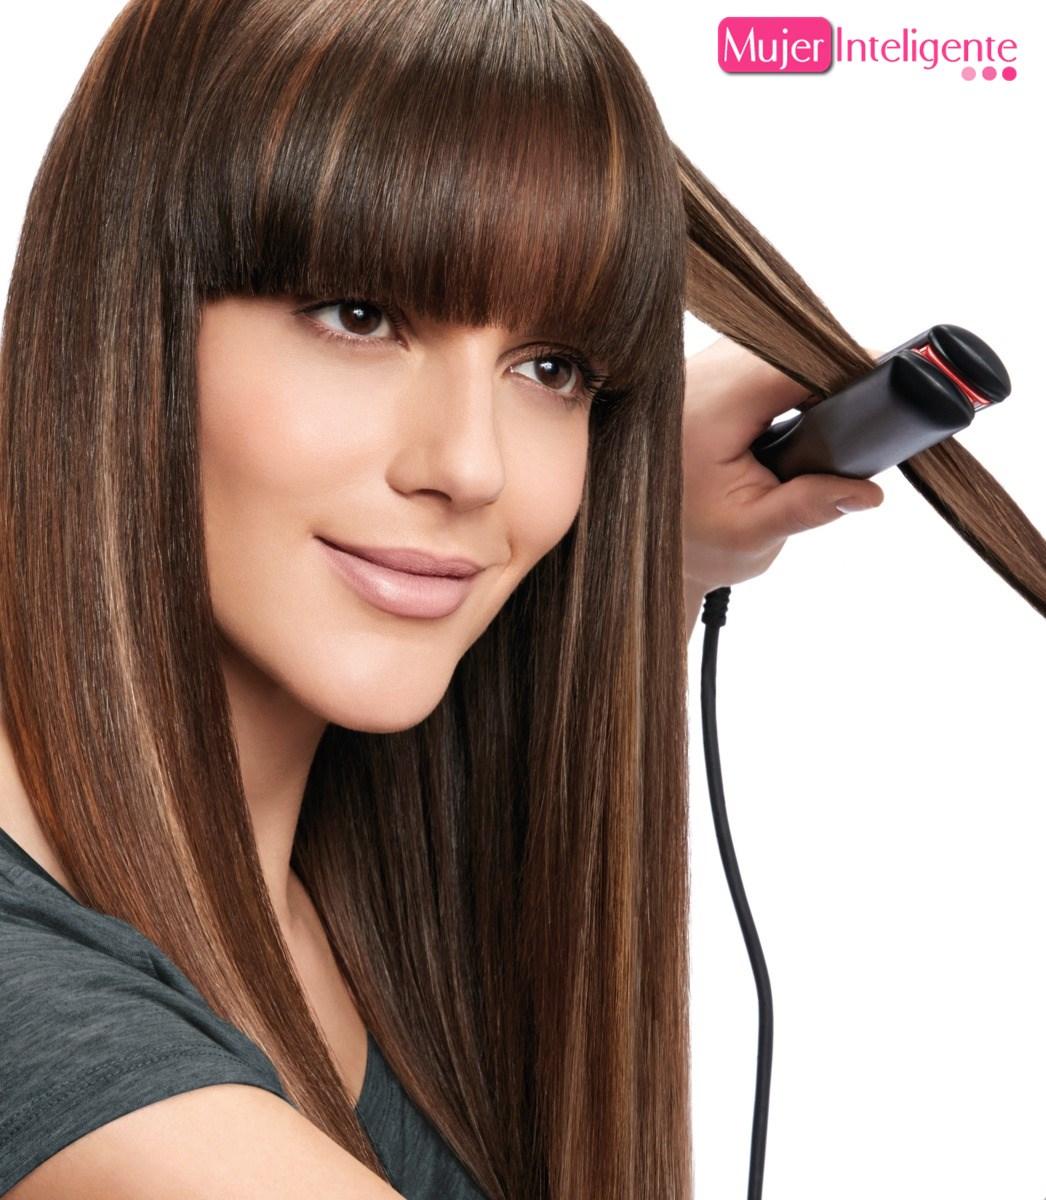 Trucos para alisar el cabello con planchas de pelo mujer inteligente - Fundas termicas para planchas de pelo ...